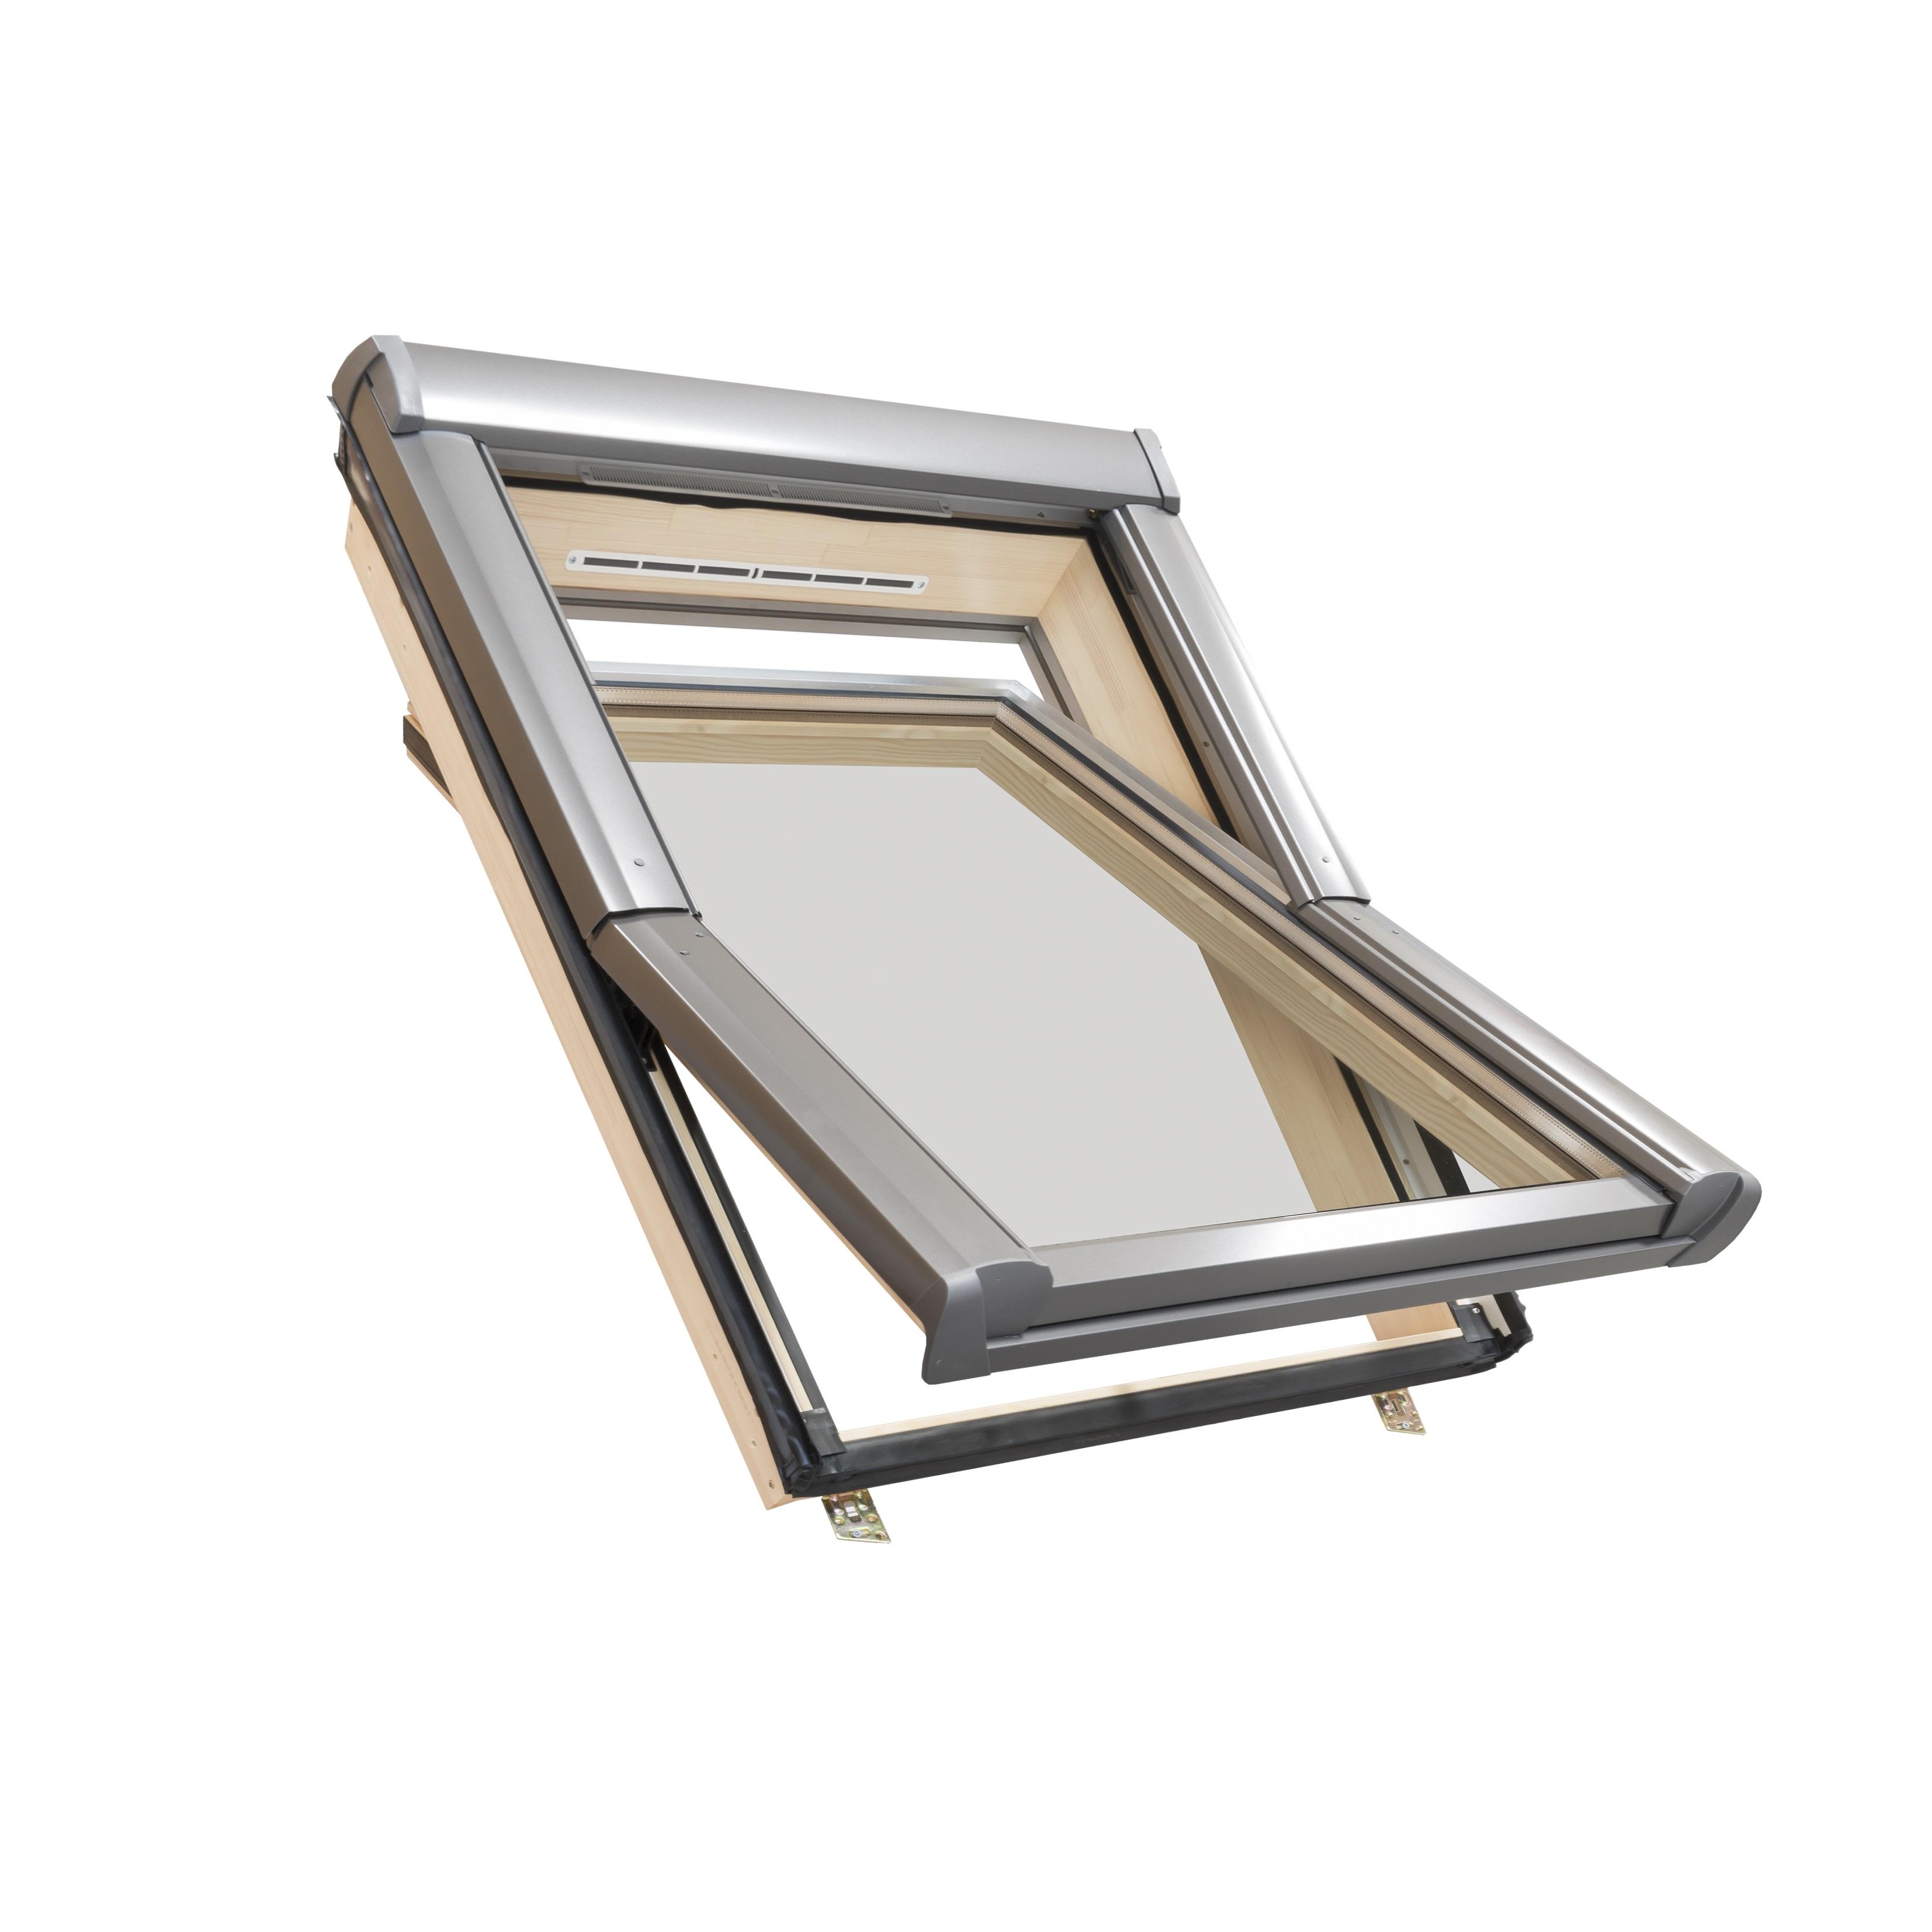 roto dachfenster aus holz mit eindeckrahmen. Black Bedroom Furniture Sets. Home Design Ideas